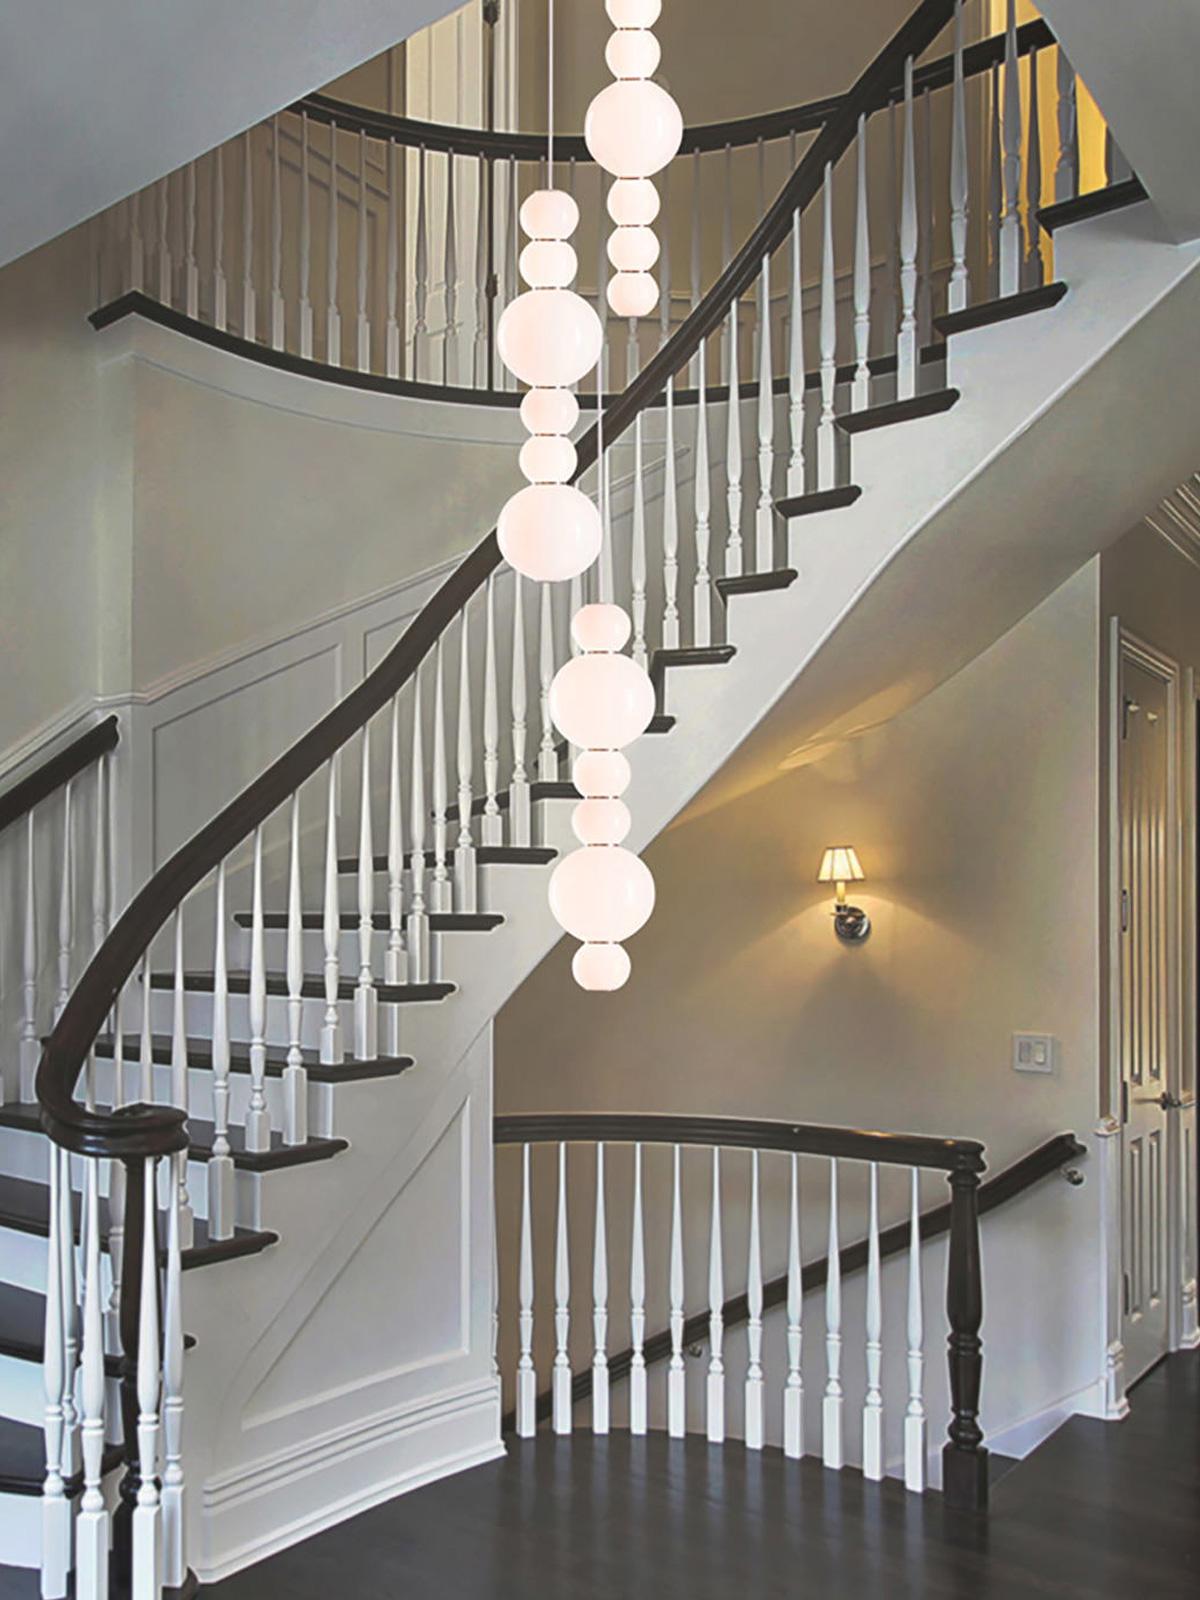 DesignOrt Blog: Statement Beleuchtung für den Flur Pendel Lampe Pearls Double Opalglas LED von Formagenda Made in Germany